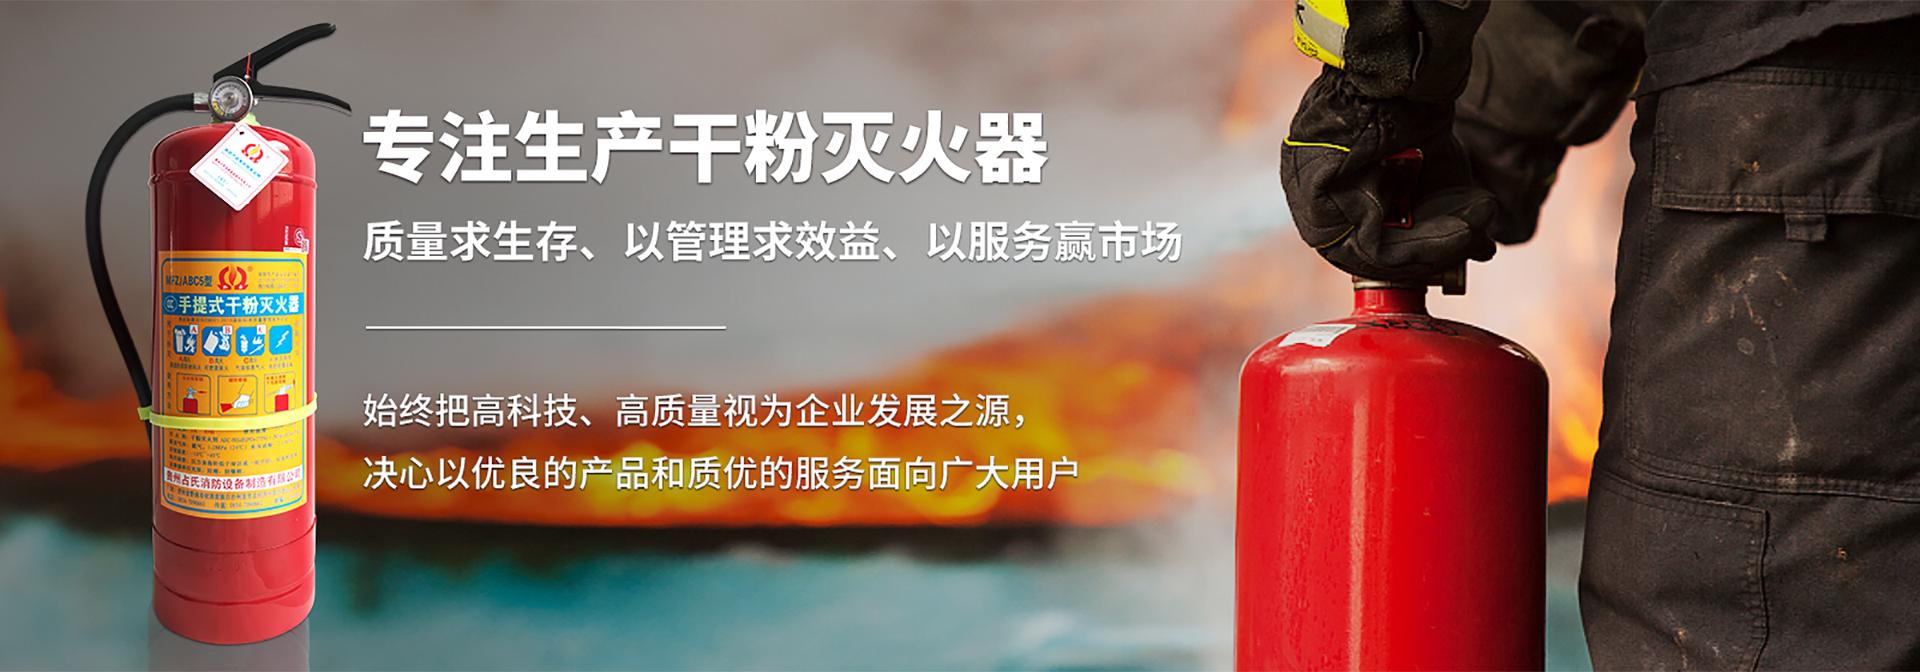 贵州灭火器